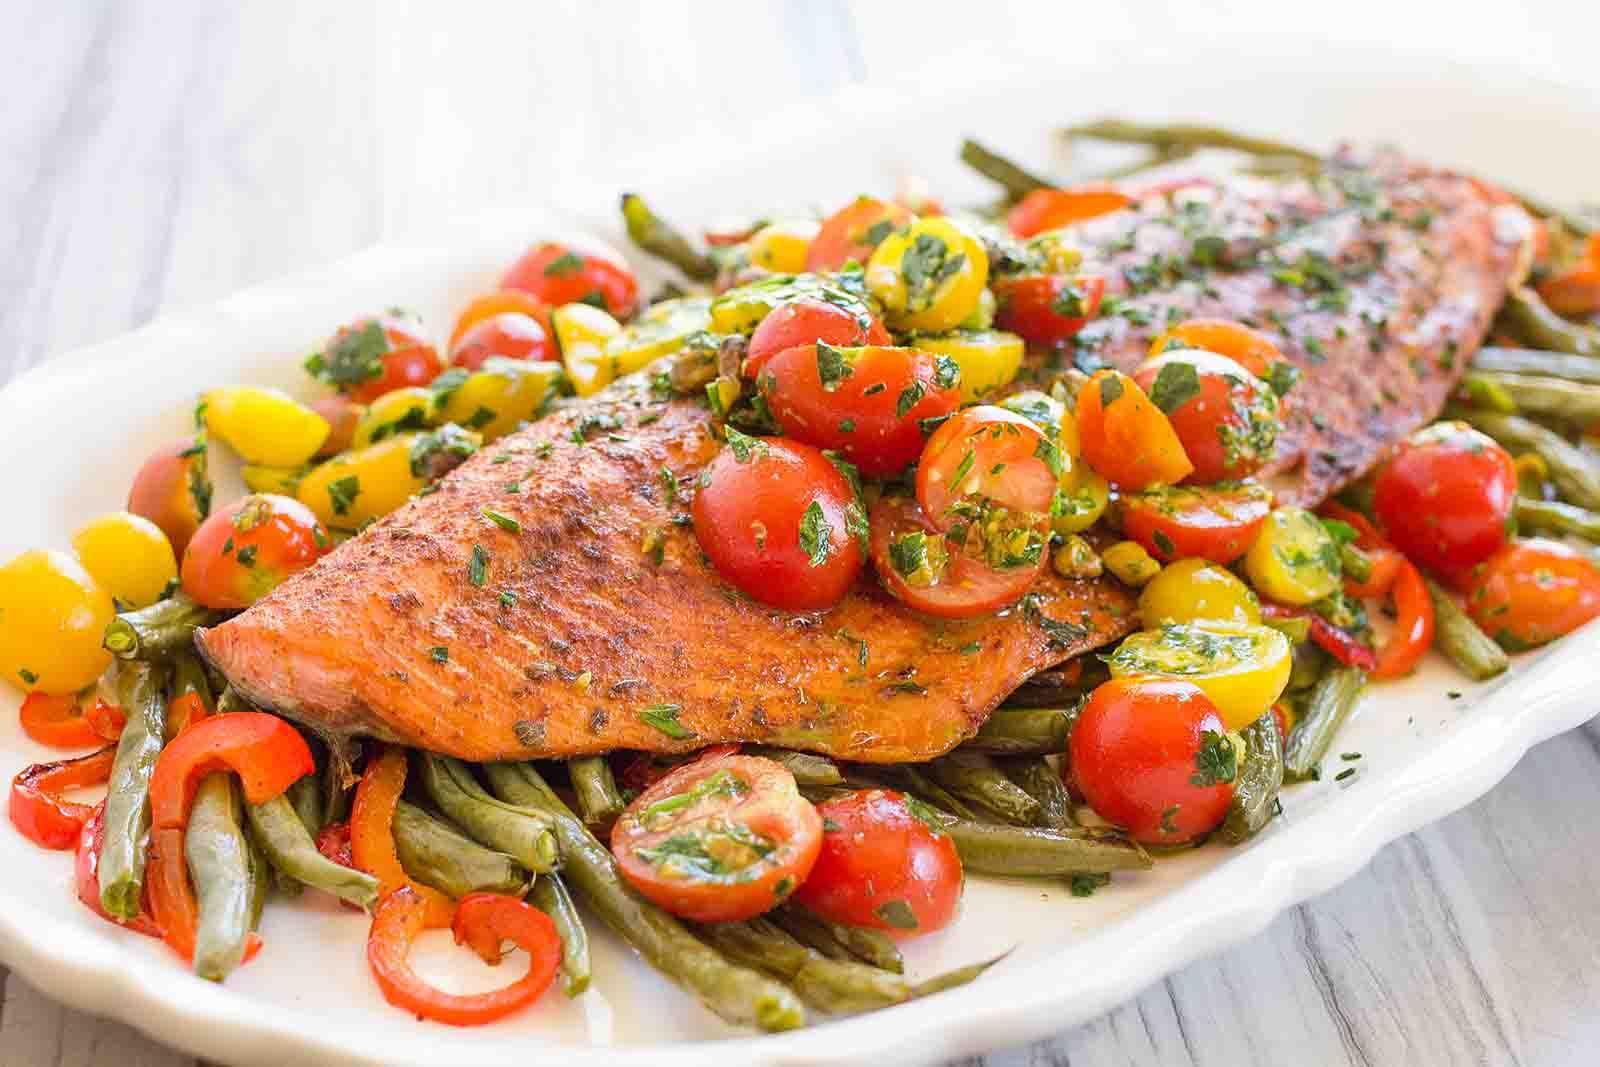 Somon pe pat de legume aromate, un deliciu perfect pentru sănătate! Rețeta se face simplu și rapid, într-o singură tigaie